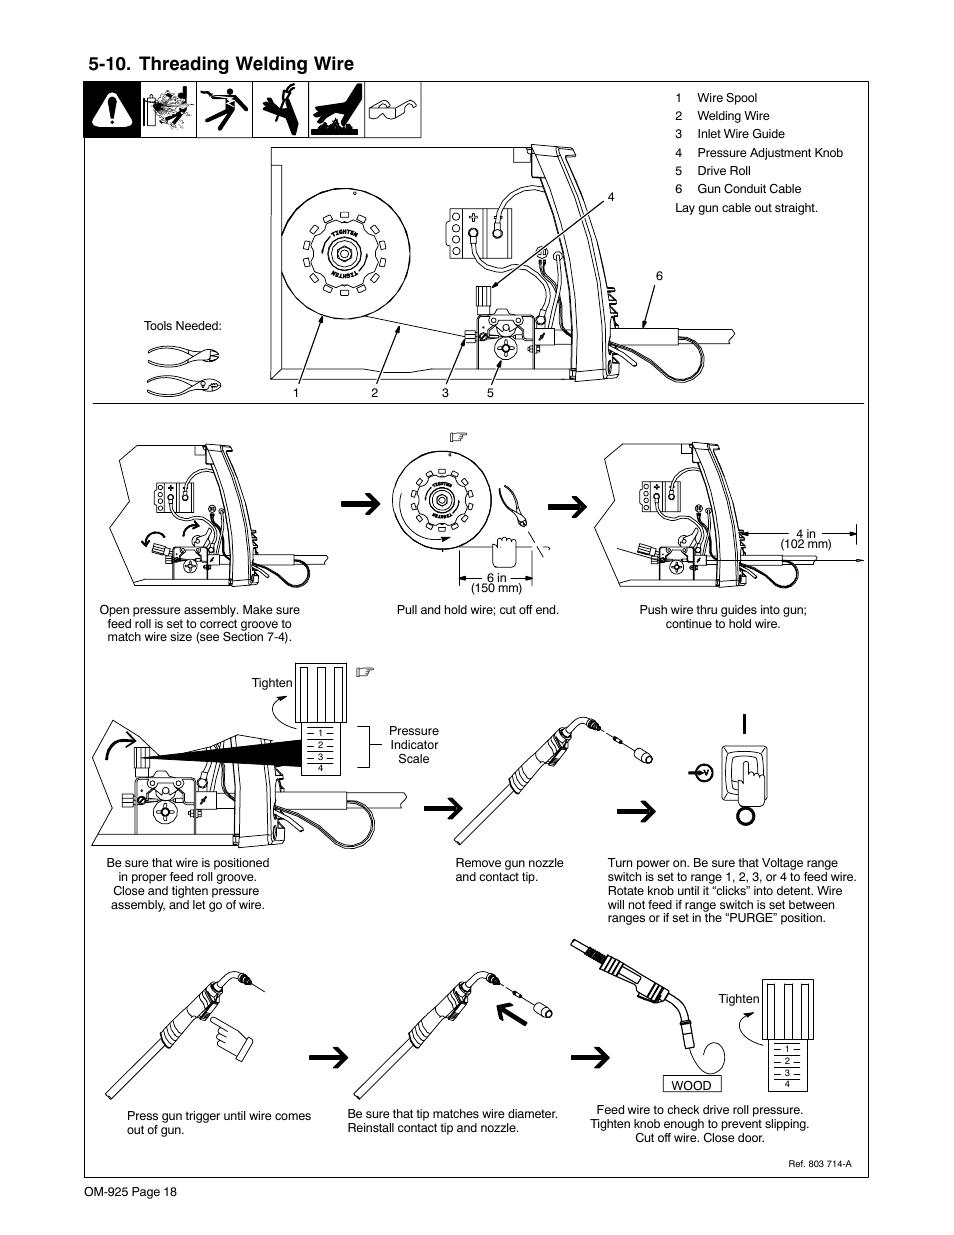 Old Fashioned Hobart Mig Wire Frieze - Wiring Schematics and ...